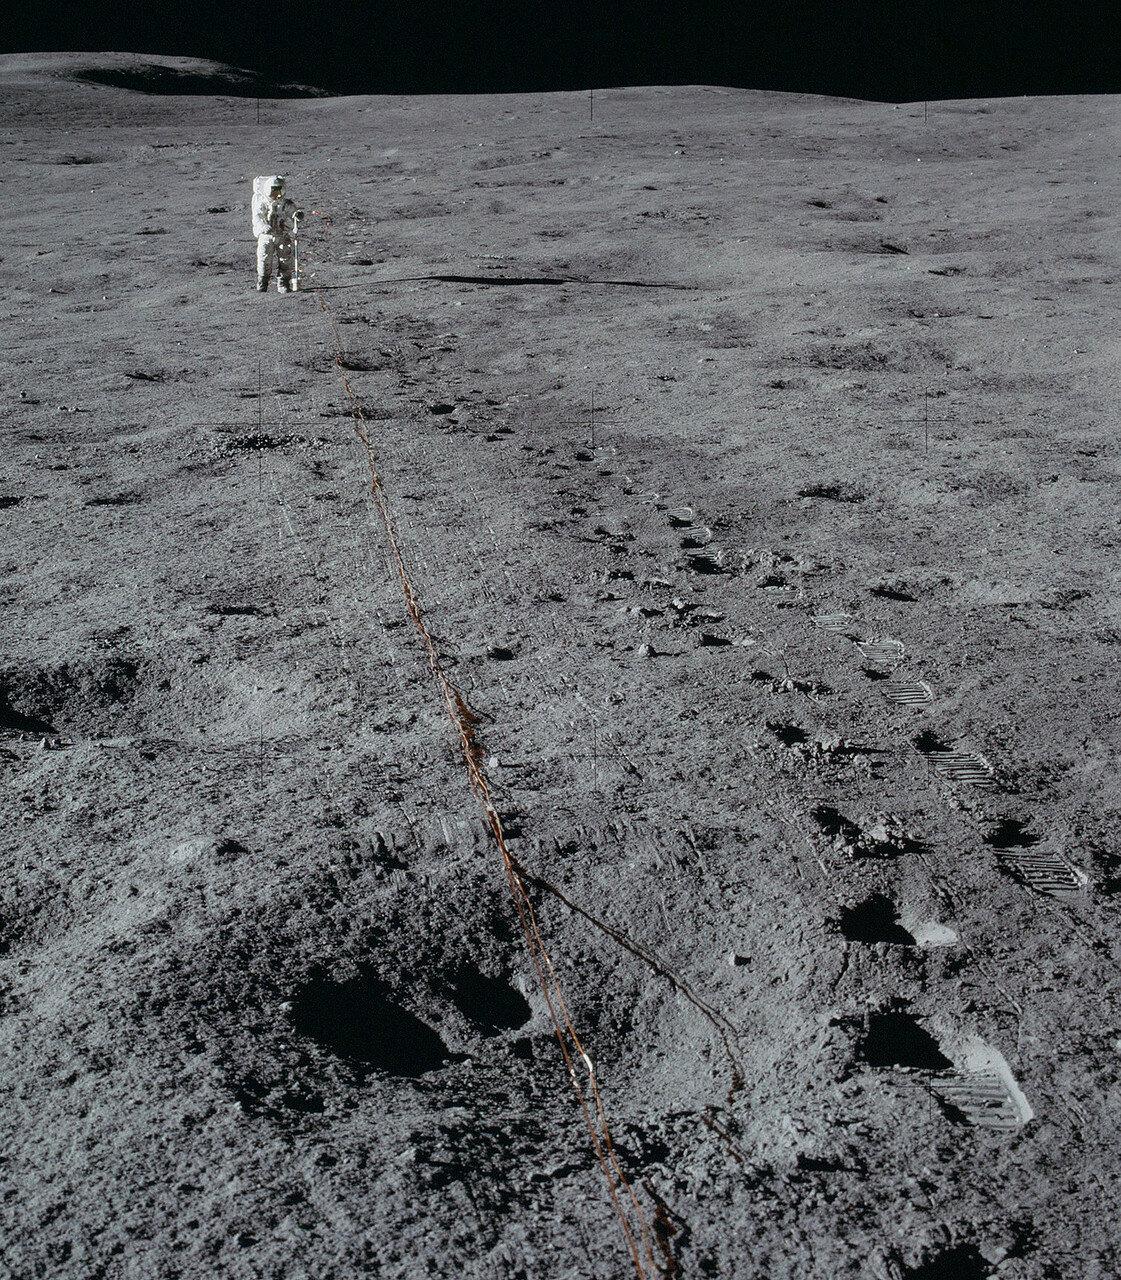 На сто восемнадцатом часу экспедиции приборы были установлены на грунте, а по поверхности проложен кабель с геофонами.  На снимке: Кабель с геофонами и Митчелл